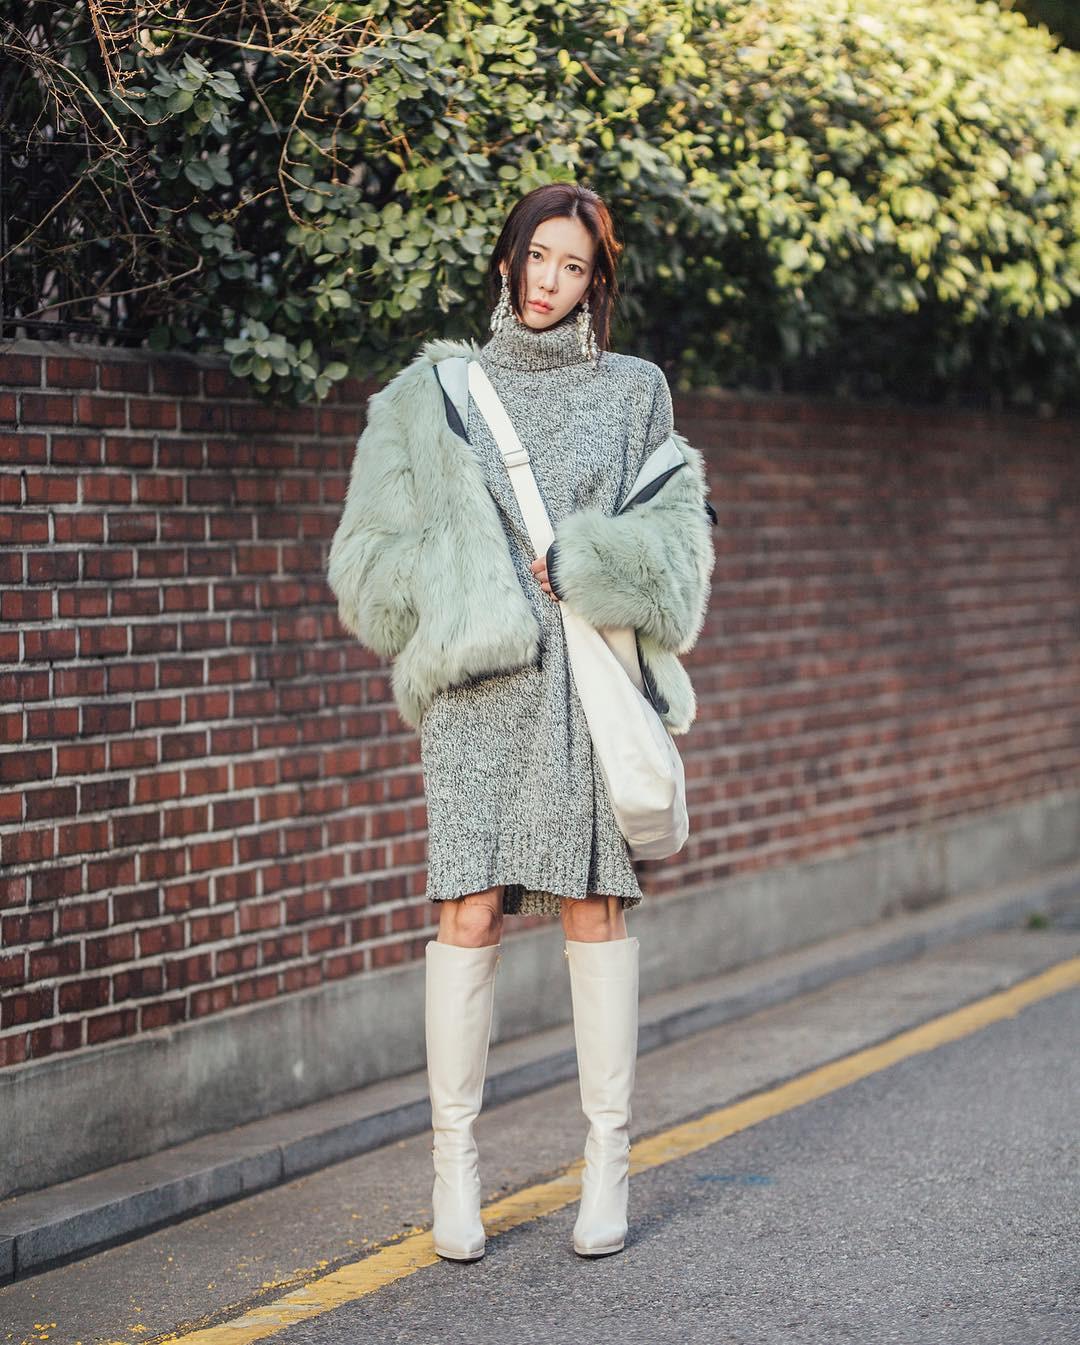 Mê phong cách đơn giản, bụi bặm hay chanh xả, bạn cũng sẽ bỏ túi được cả rổ gợi ý từ street style tuần qua của giới trẻ Hàn - Ảnh 10.